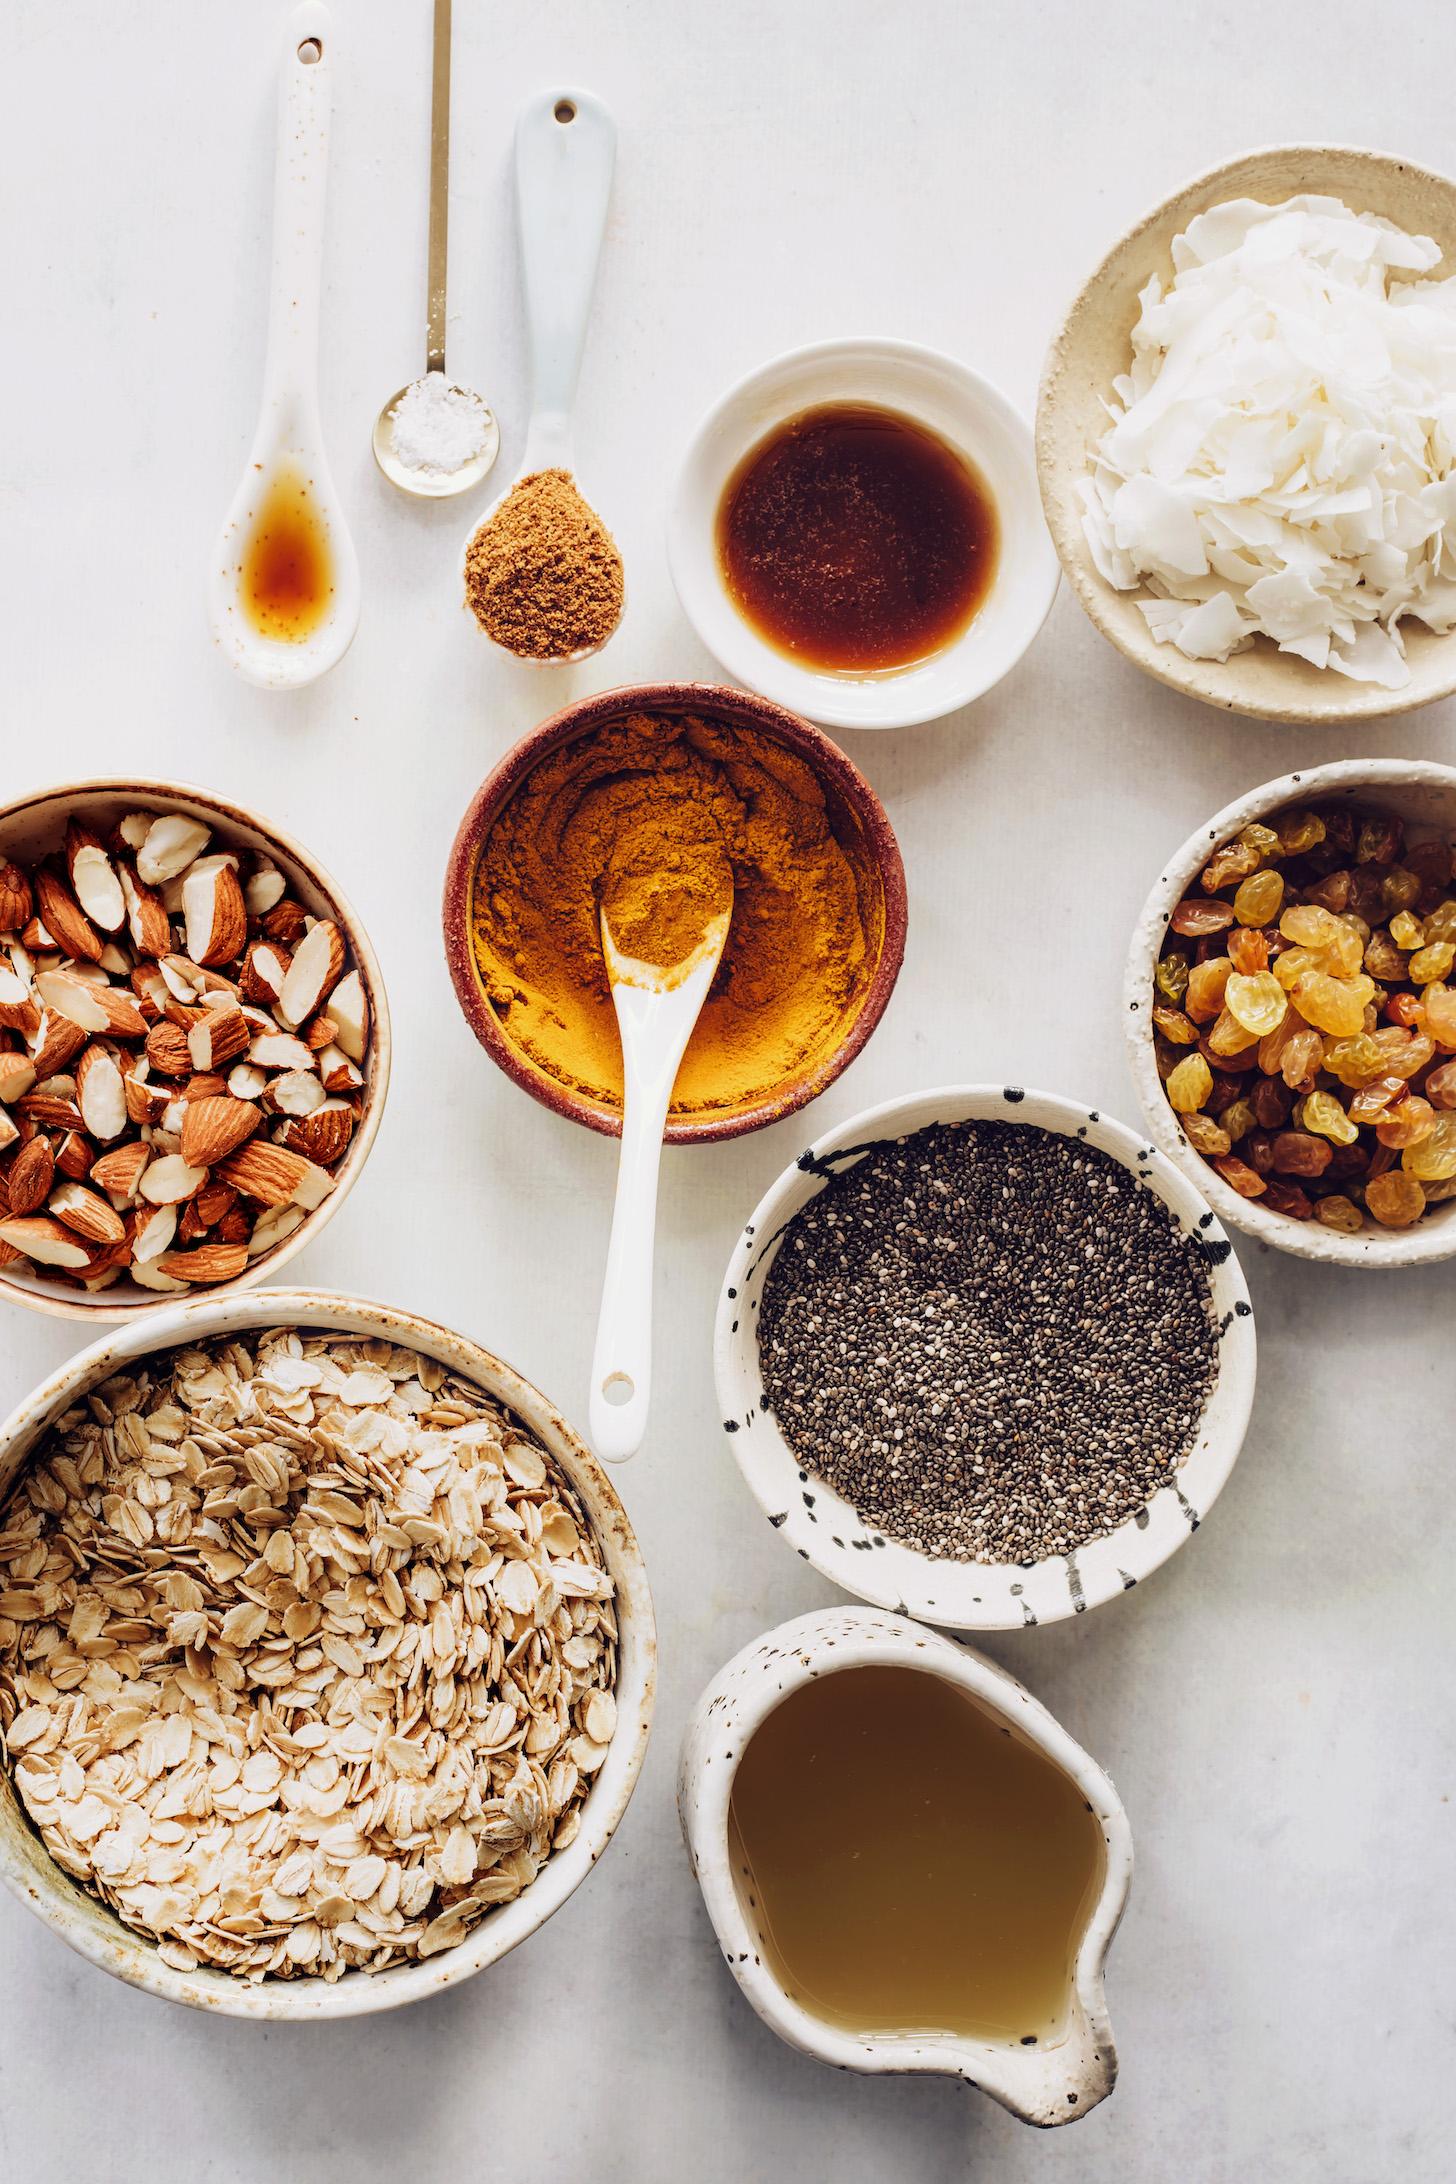 Овес, миндаль, смесь золотого молока, семена чиа, кокосовая стружка, кленовый сироп, кокосовый сахар, соль, ваниль и рассол из нута